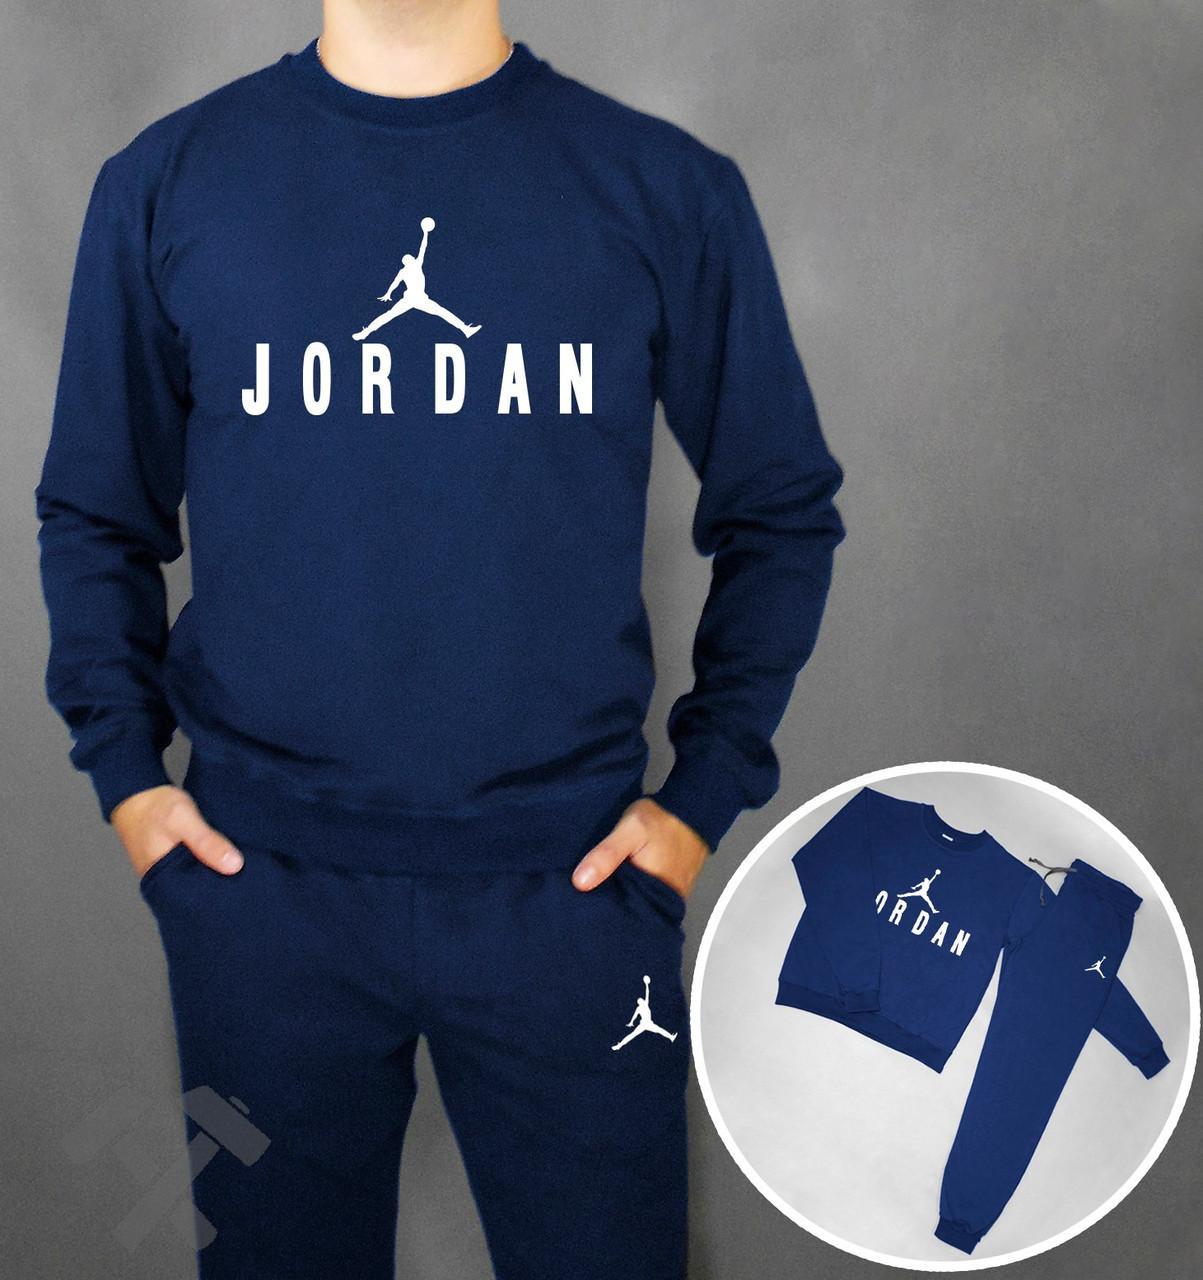 Спортивний костюм Джордан, чоловічий костюм Jordan синій, трикотажний